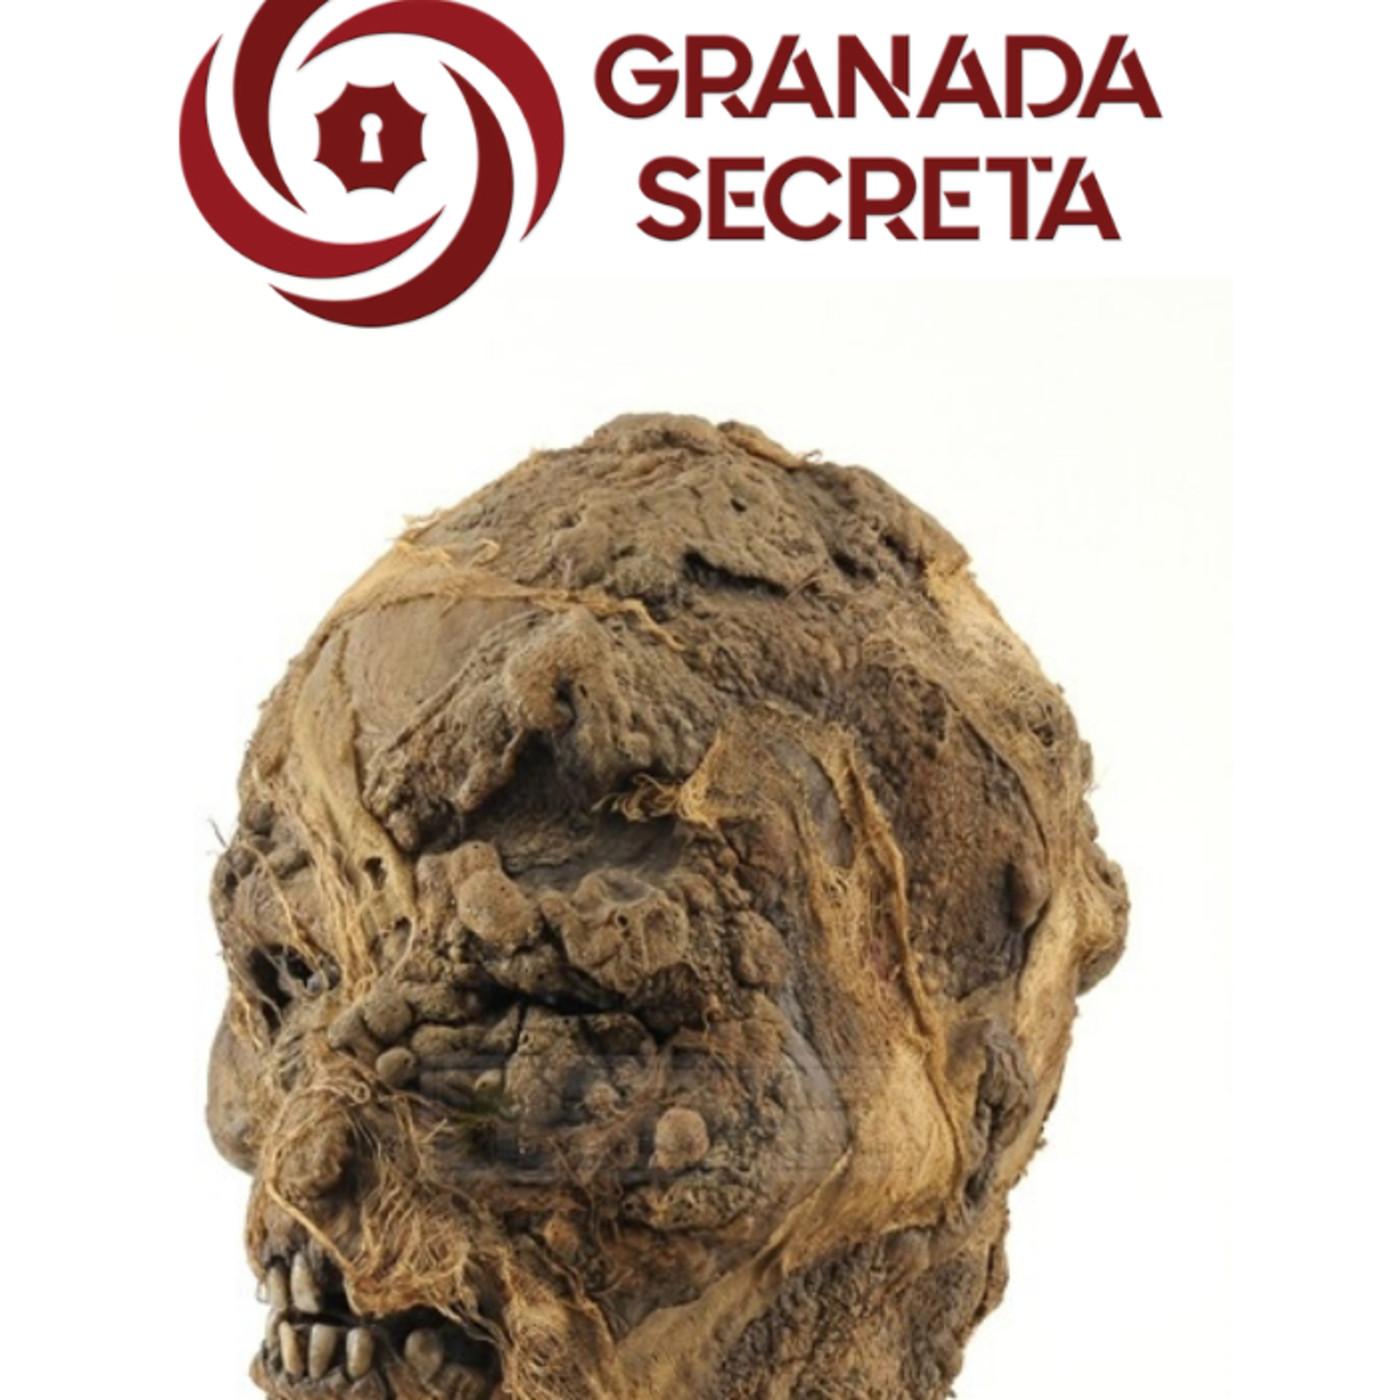 Granada Secreta - Episodio 2 - De mártires, santos y momias